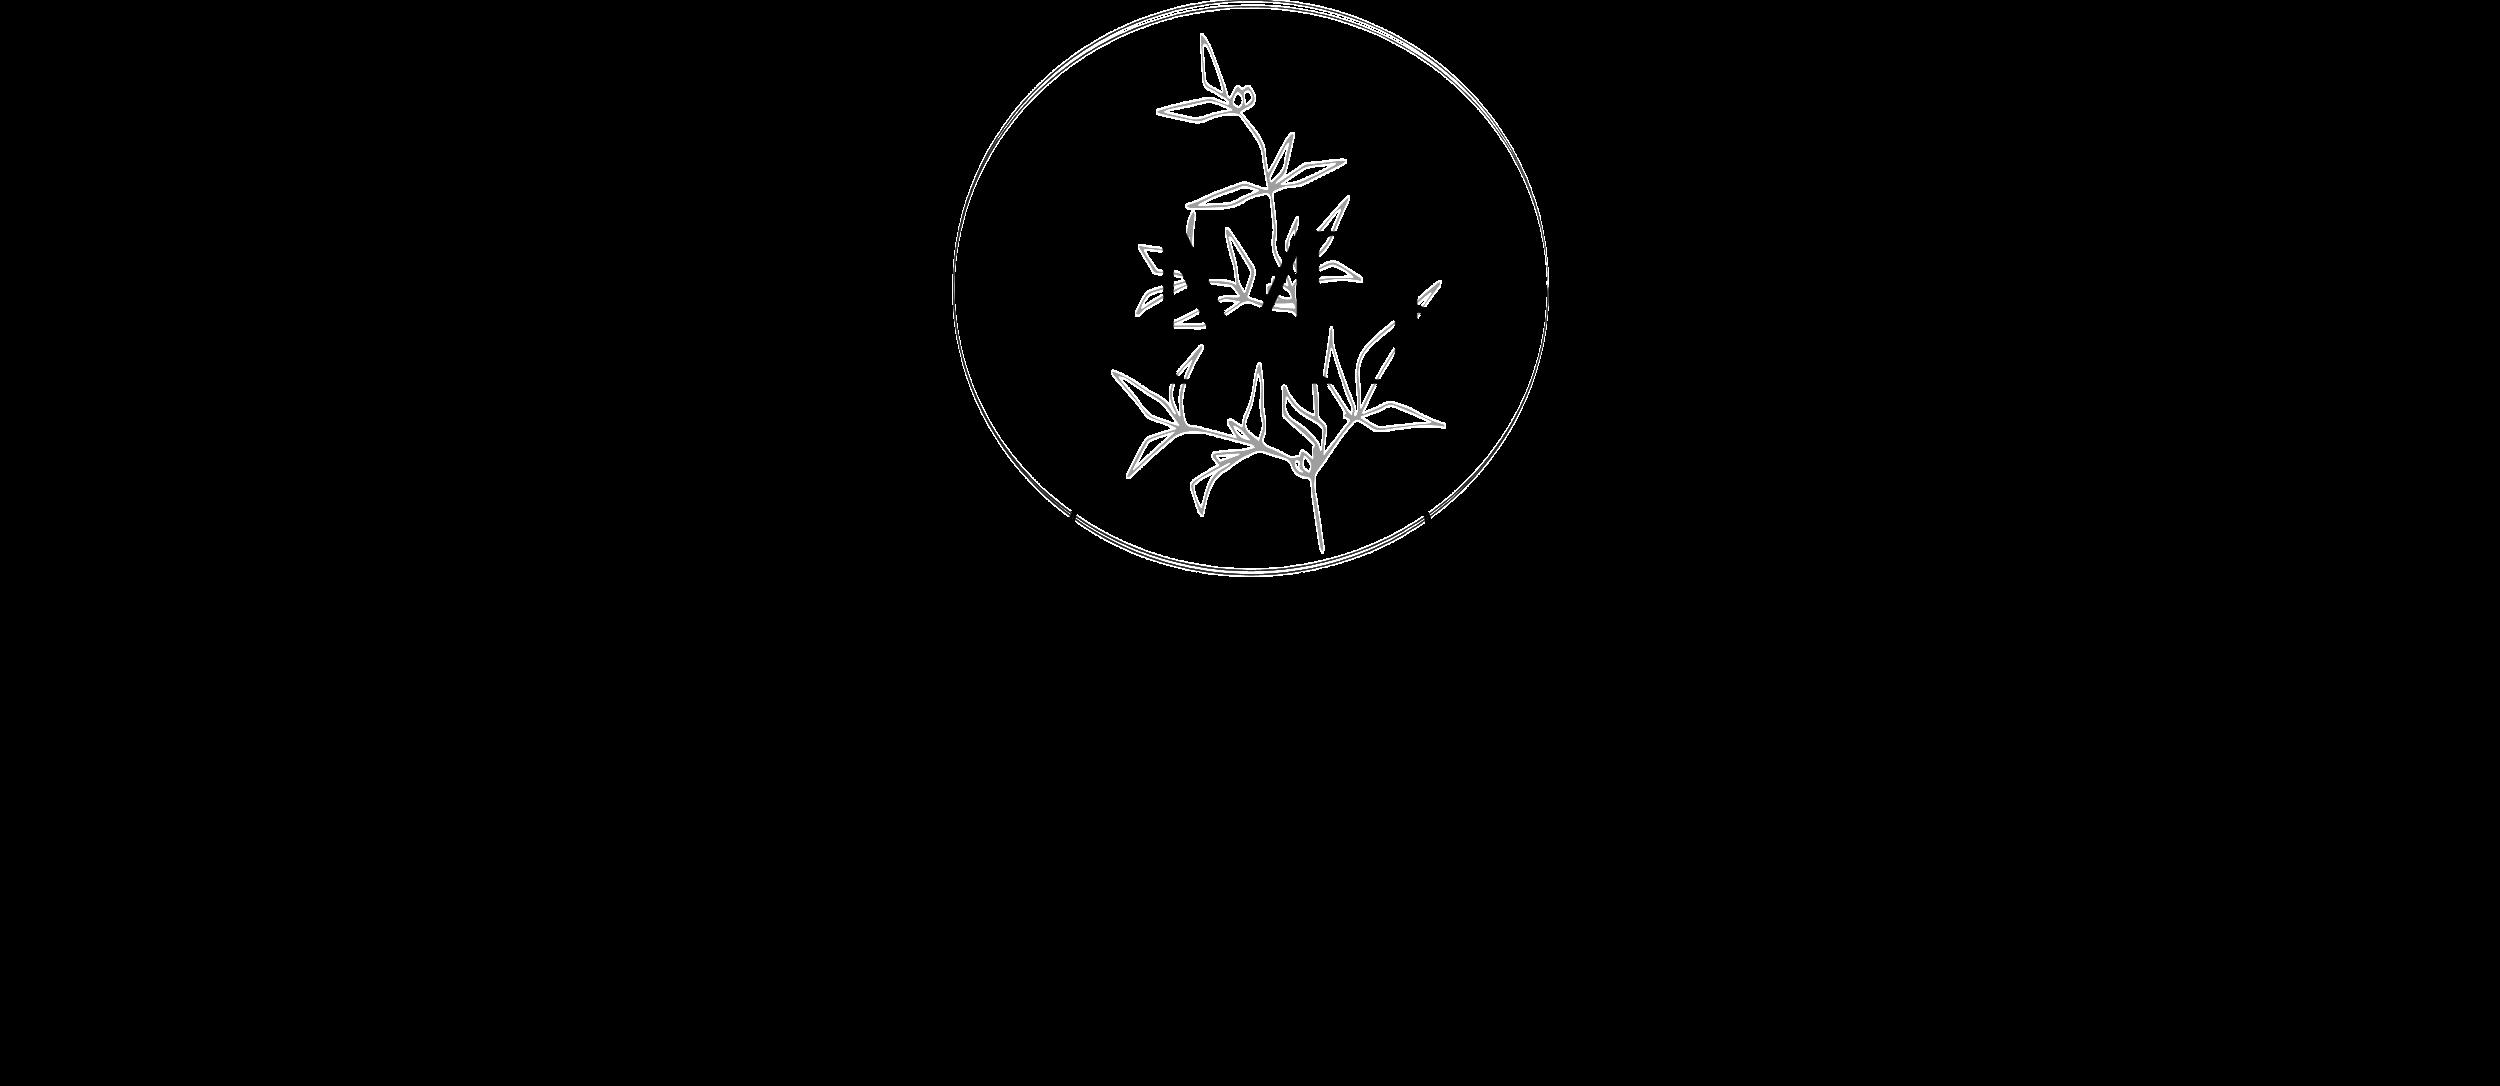 JManess - logo.design black. Transparent background.png